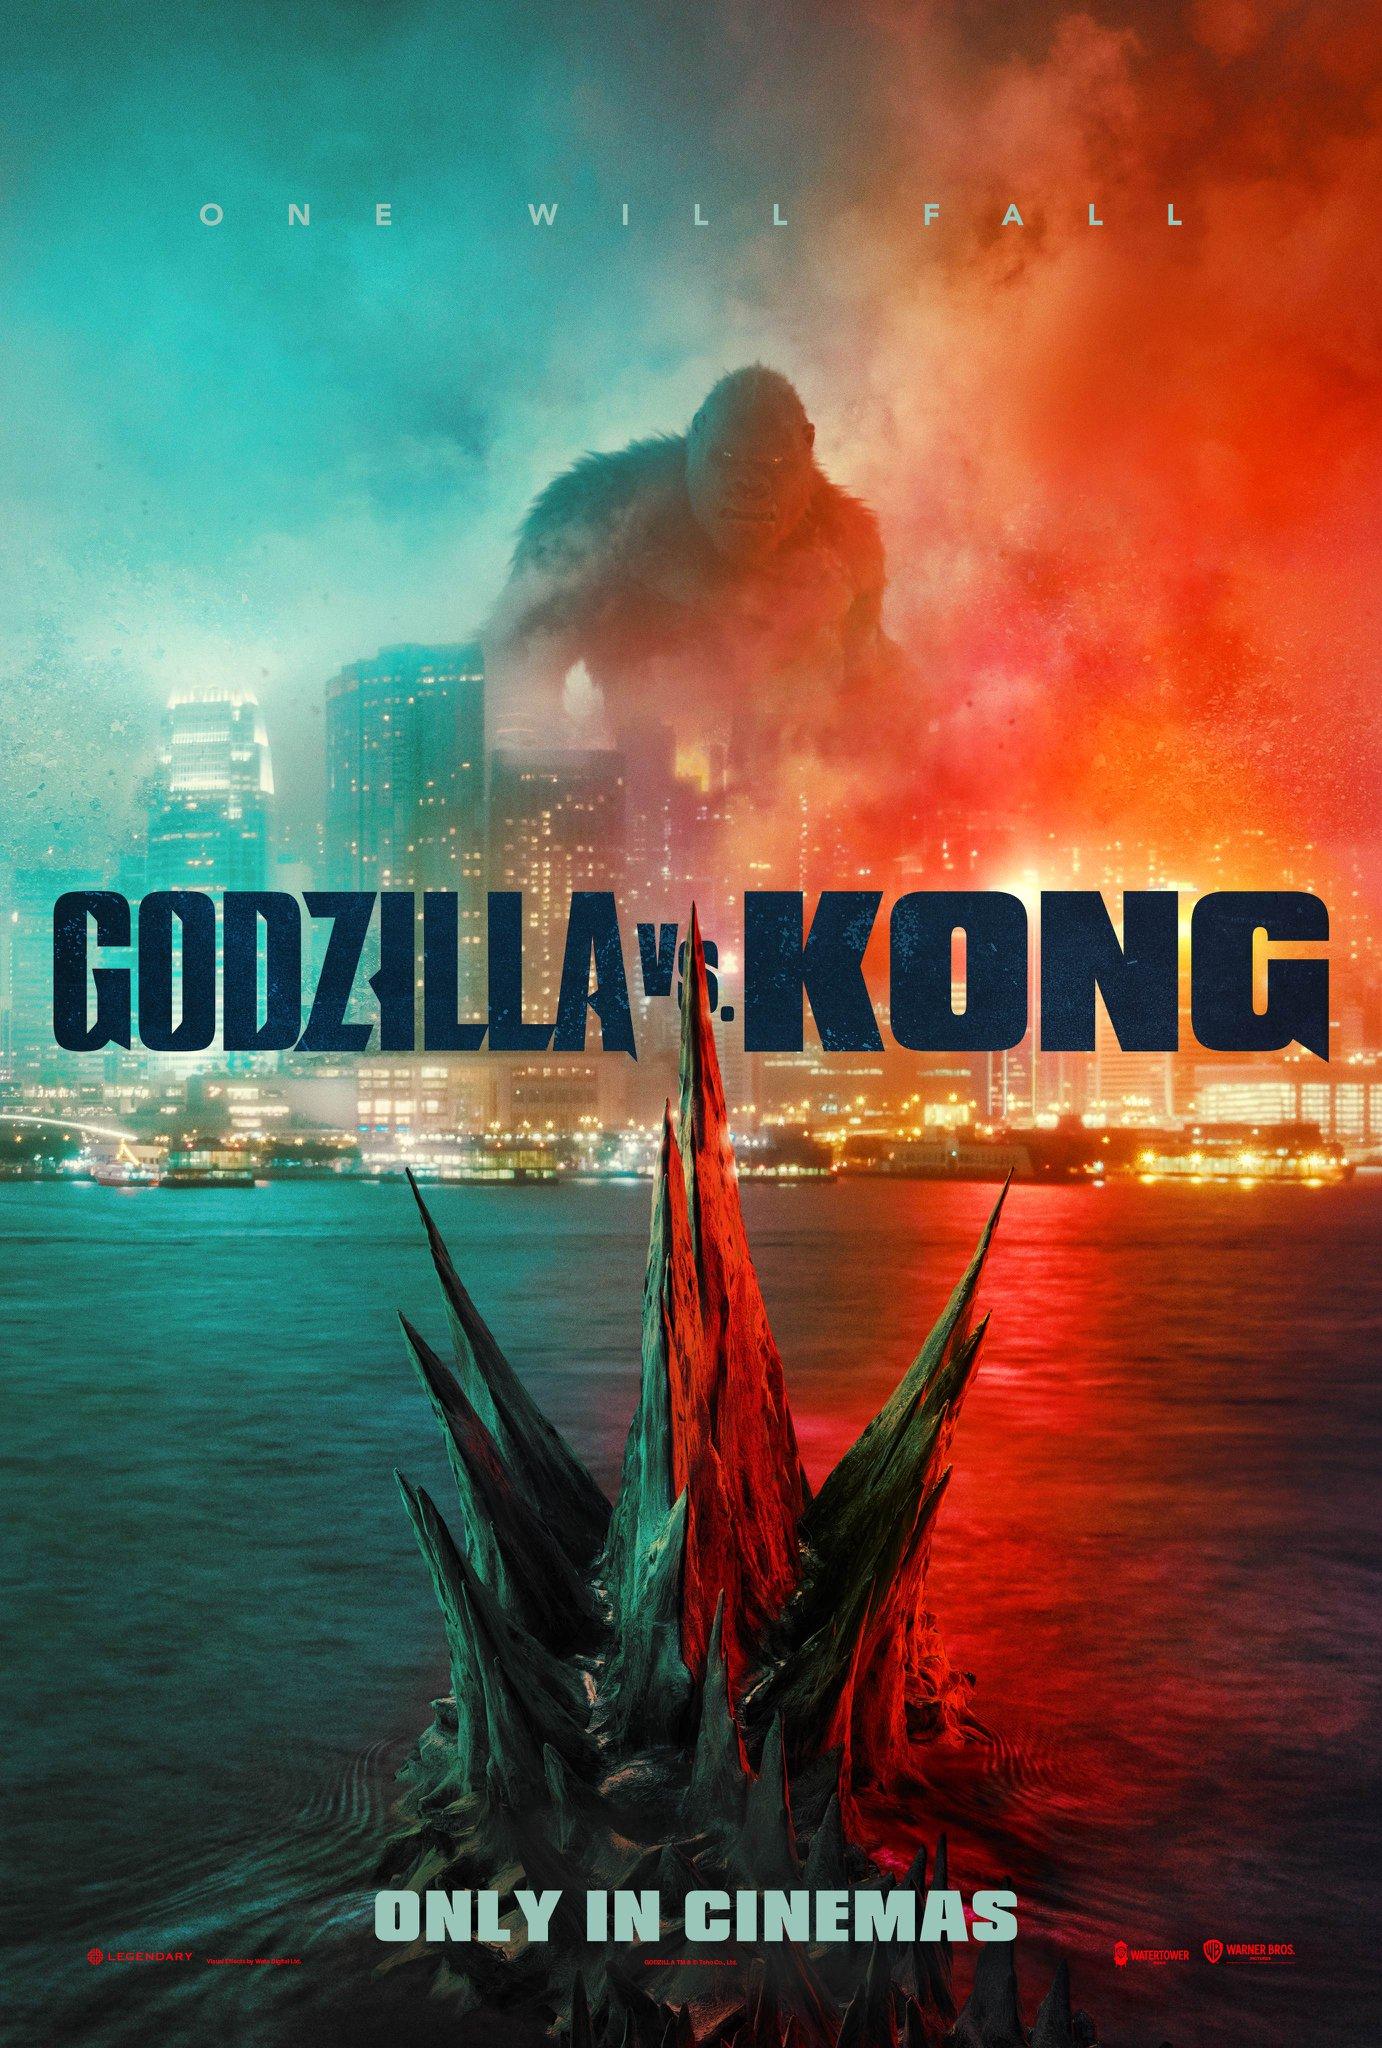 Godzilla vs Kong Poster SpicyPulp